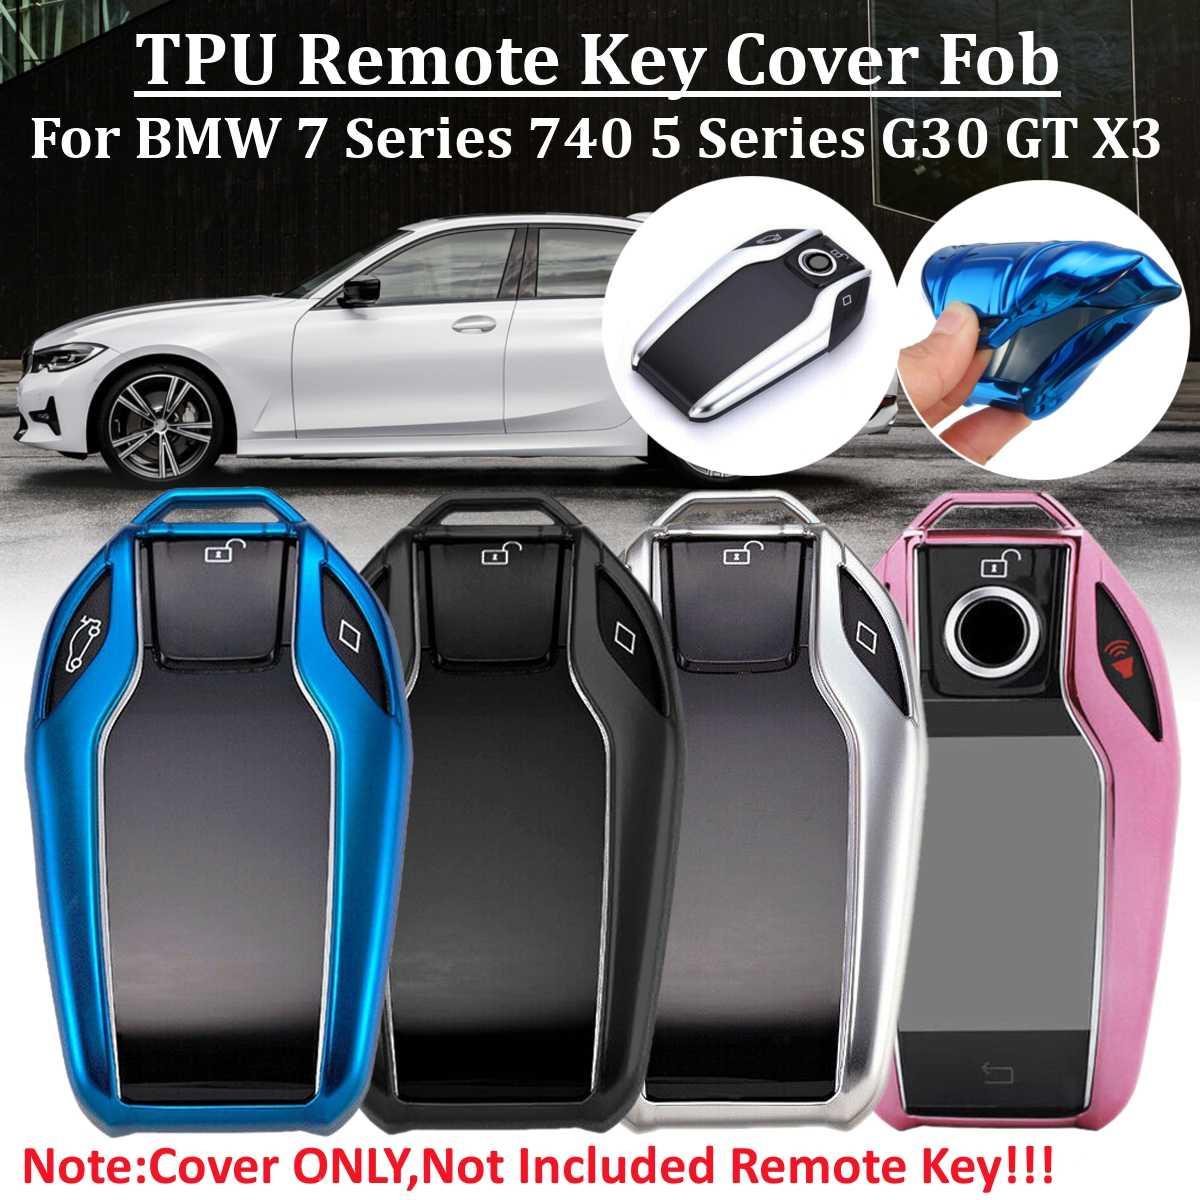 1 x nueva carcasa de llave de mando a distancia de coche de Tpu para BMW 5 6 7 Series G11 G12 G30 G31 G32 X3 X4 X5 730li 740li 2017 2018 2019 2020